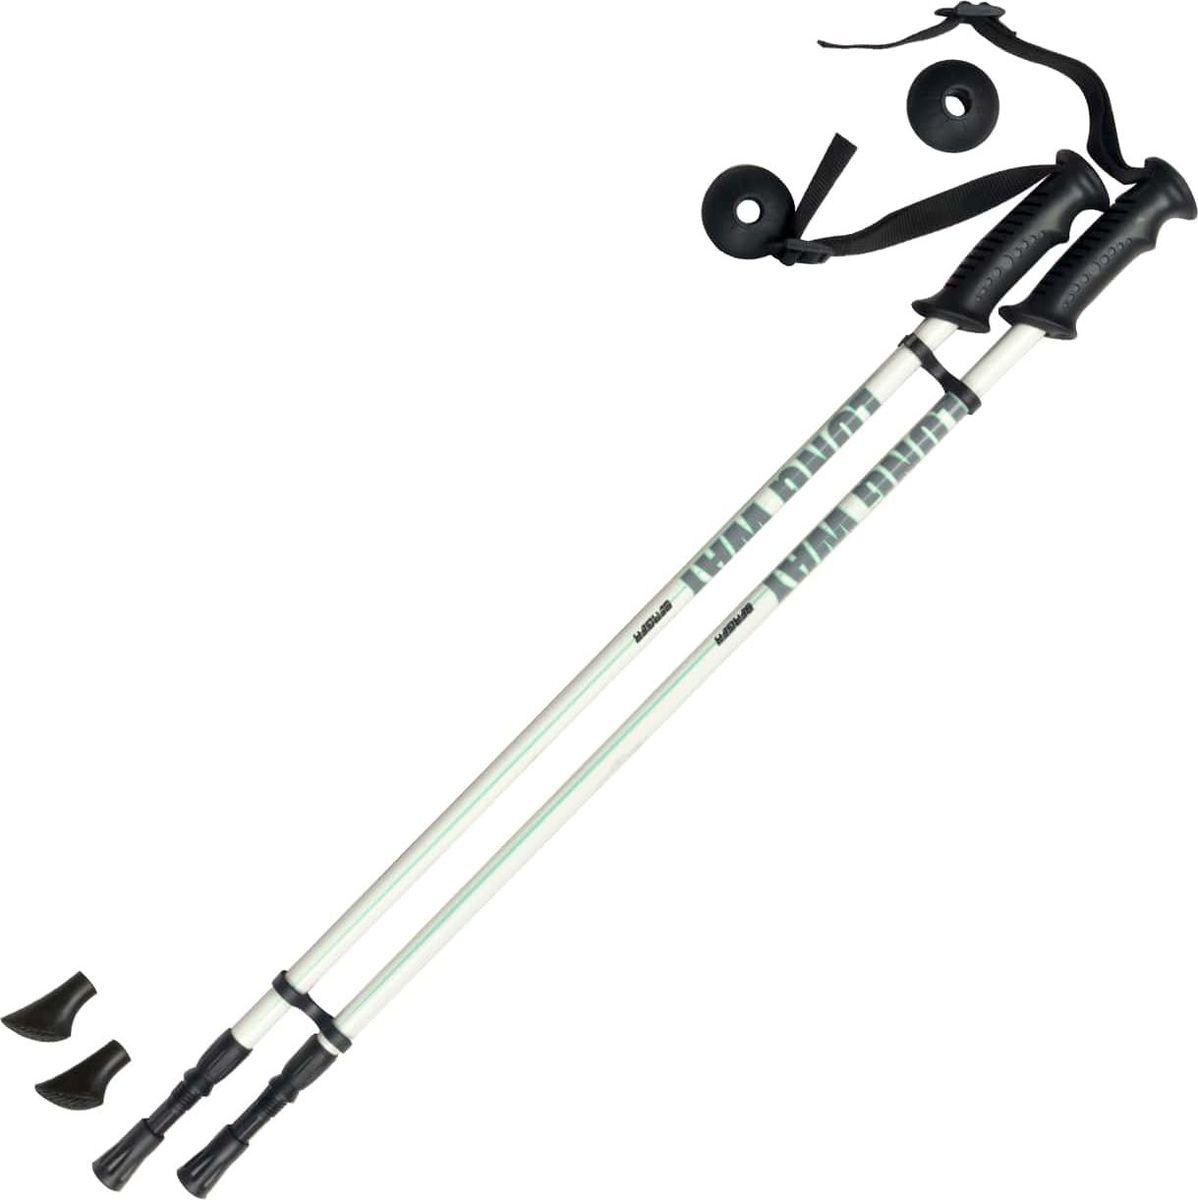 Палки для скандинавской ходьбы Berger  Longway , двухсекционные, цвет: белый, мятный, 78-135 см - Скандинавская ходьба